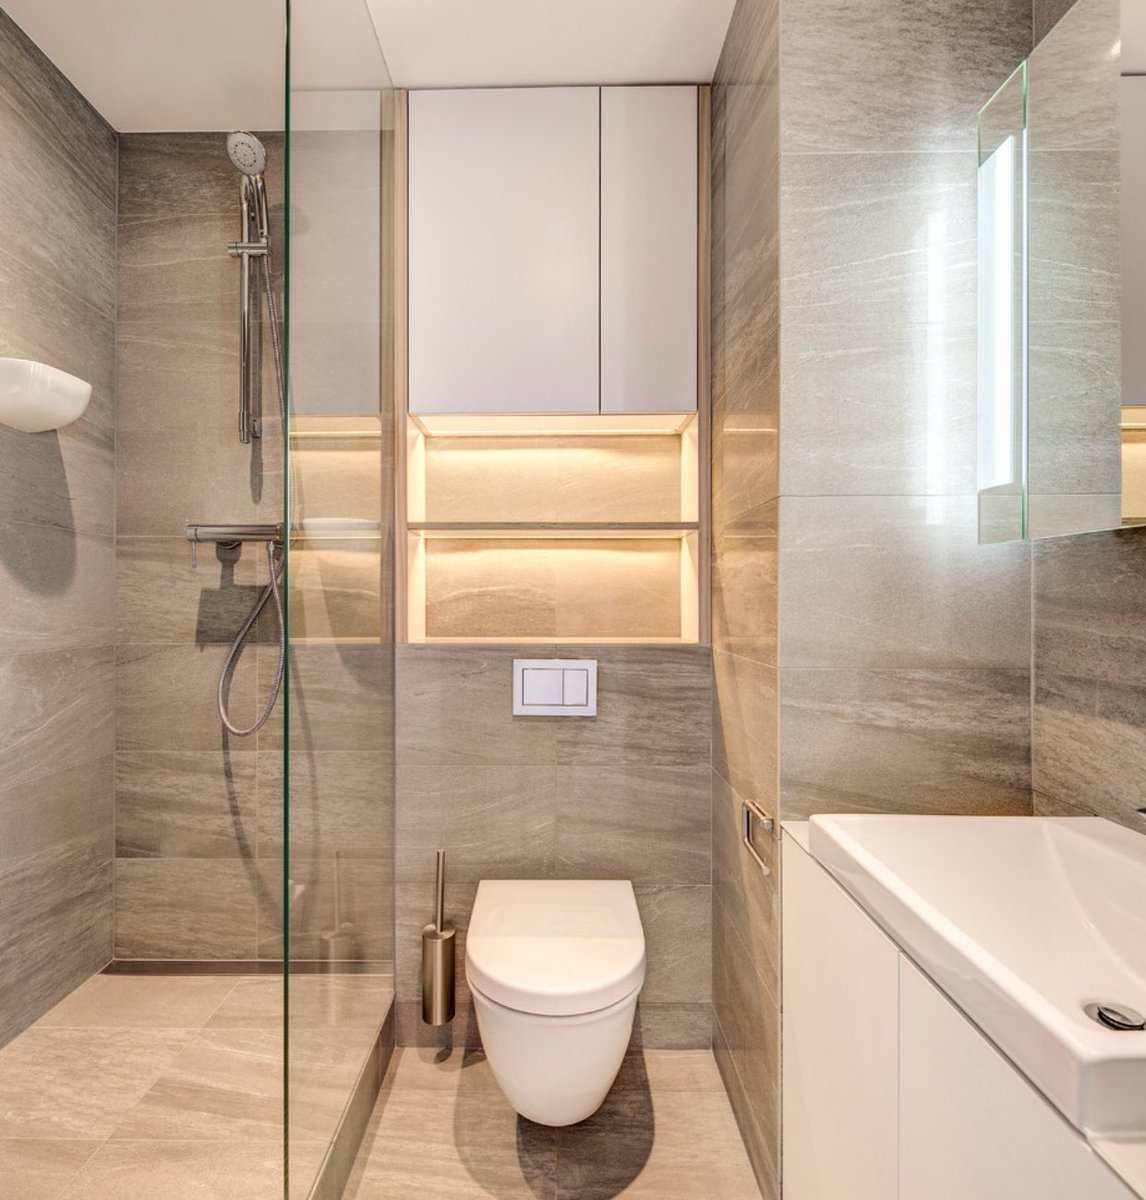 صور حمامات صغيرة , صور ديكورات حمامات